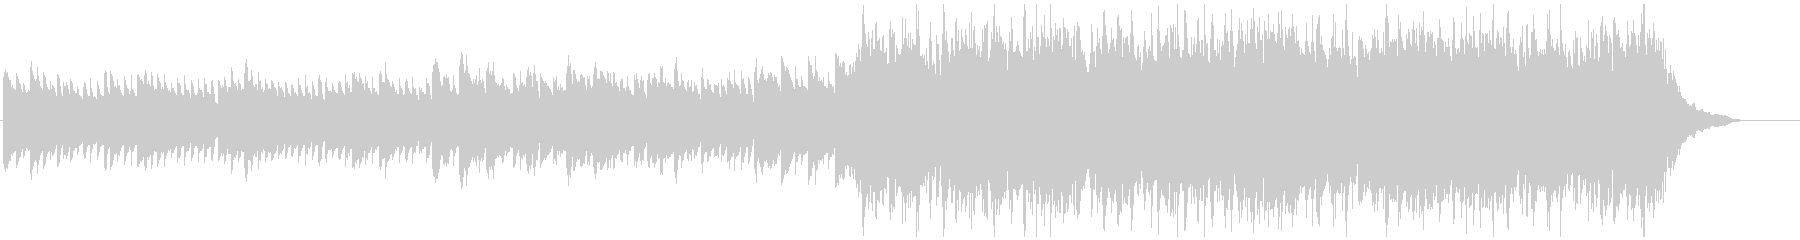 日本らしいメロディアスエモオーケストラ の未再生の波形